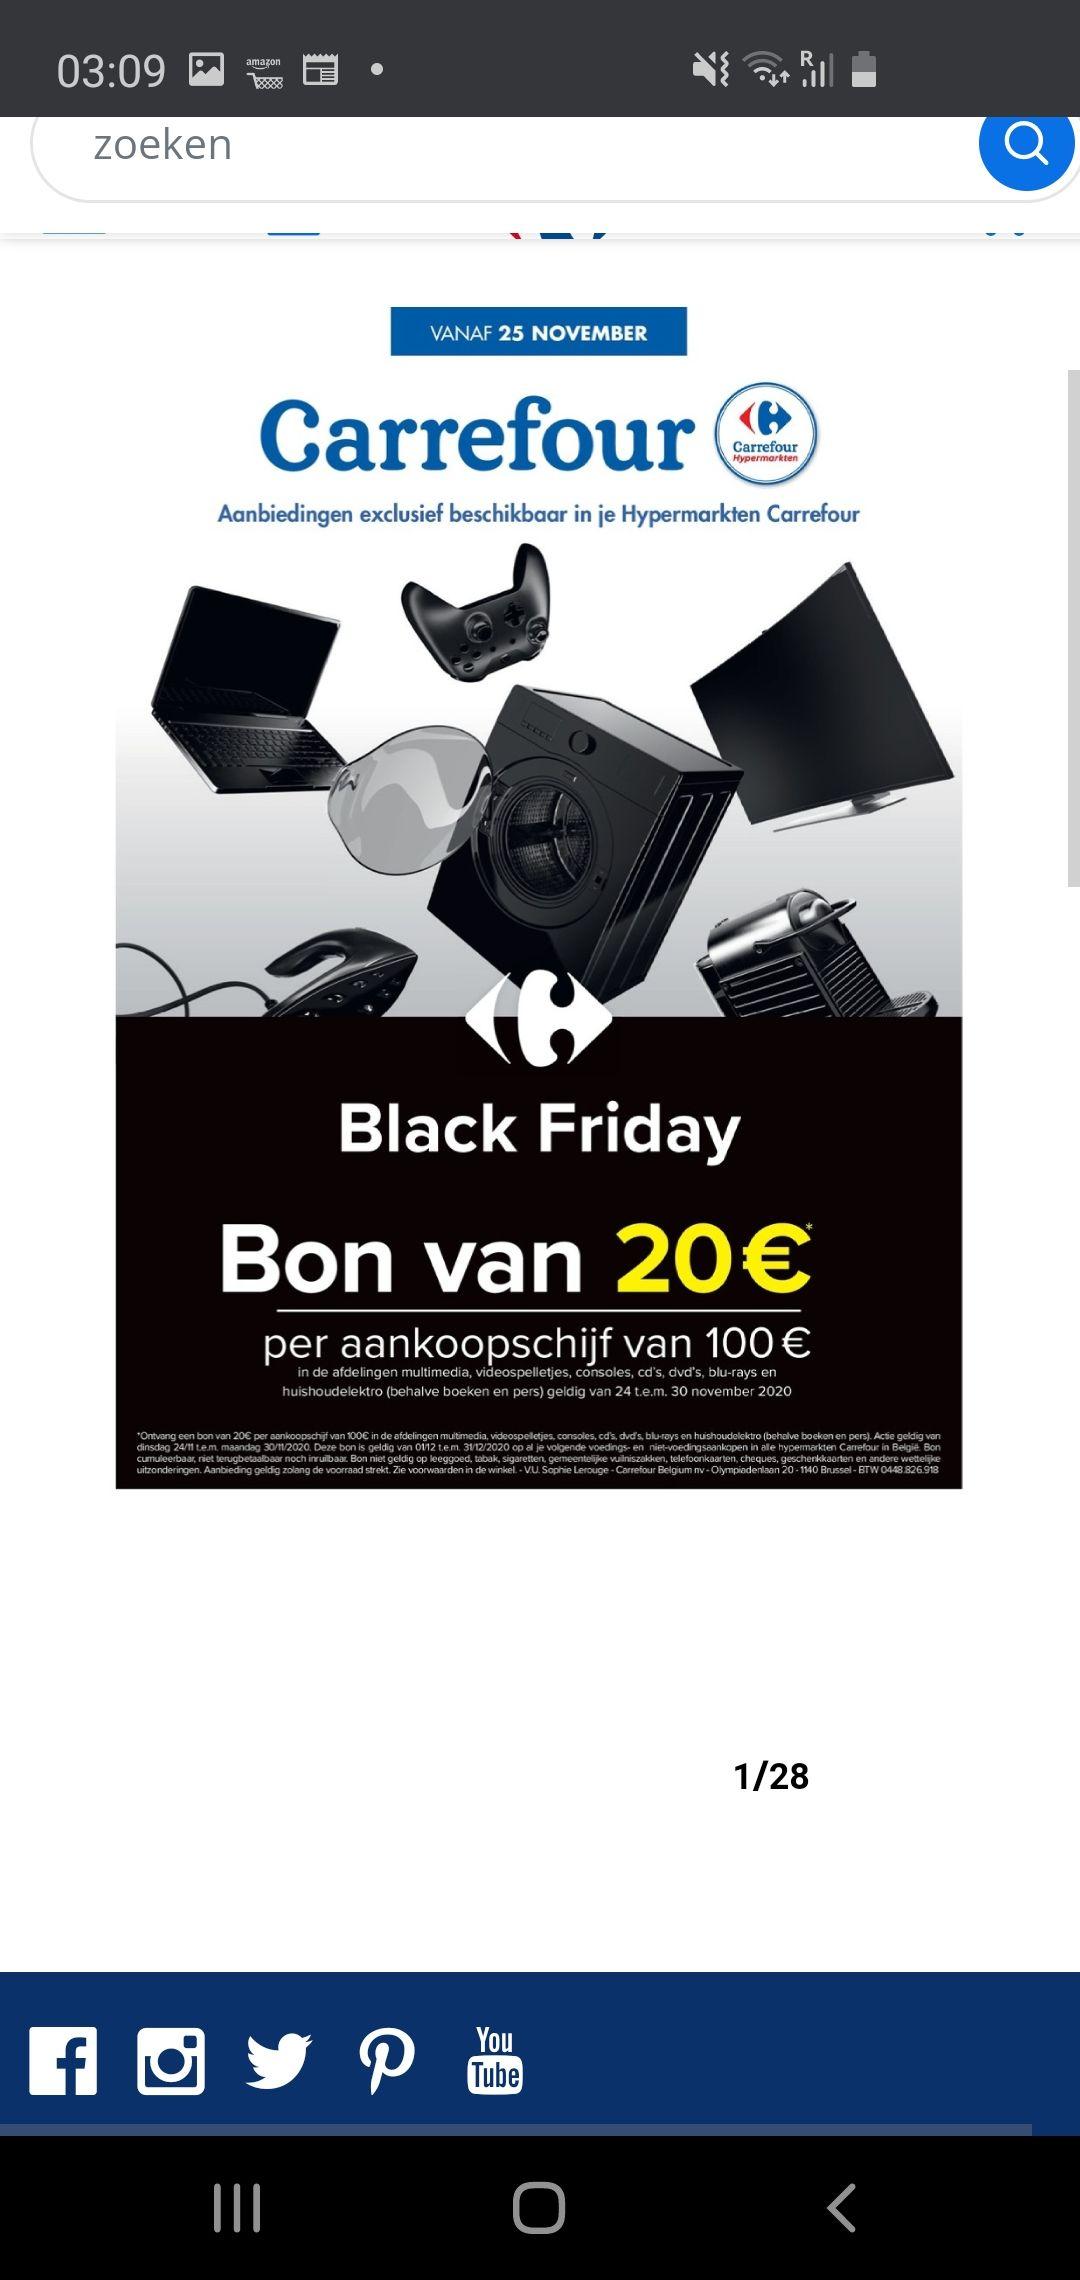 (België) 20 euro waardebon bij aankoopschijf 100 euro carrefour hypermarkt